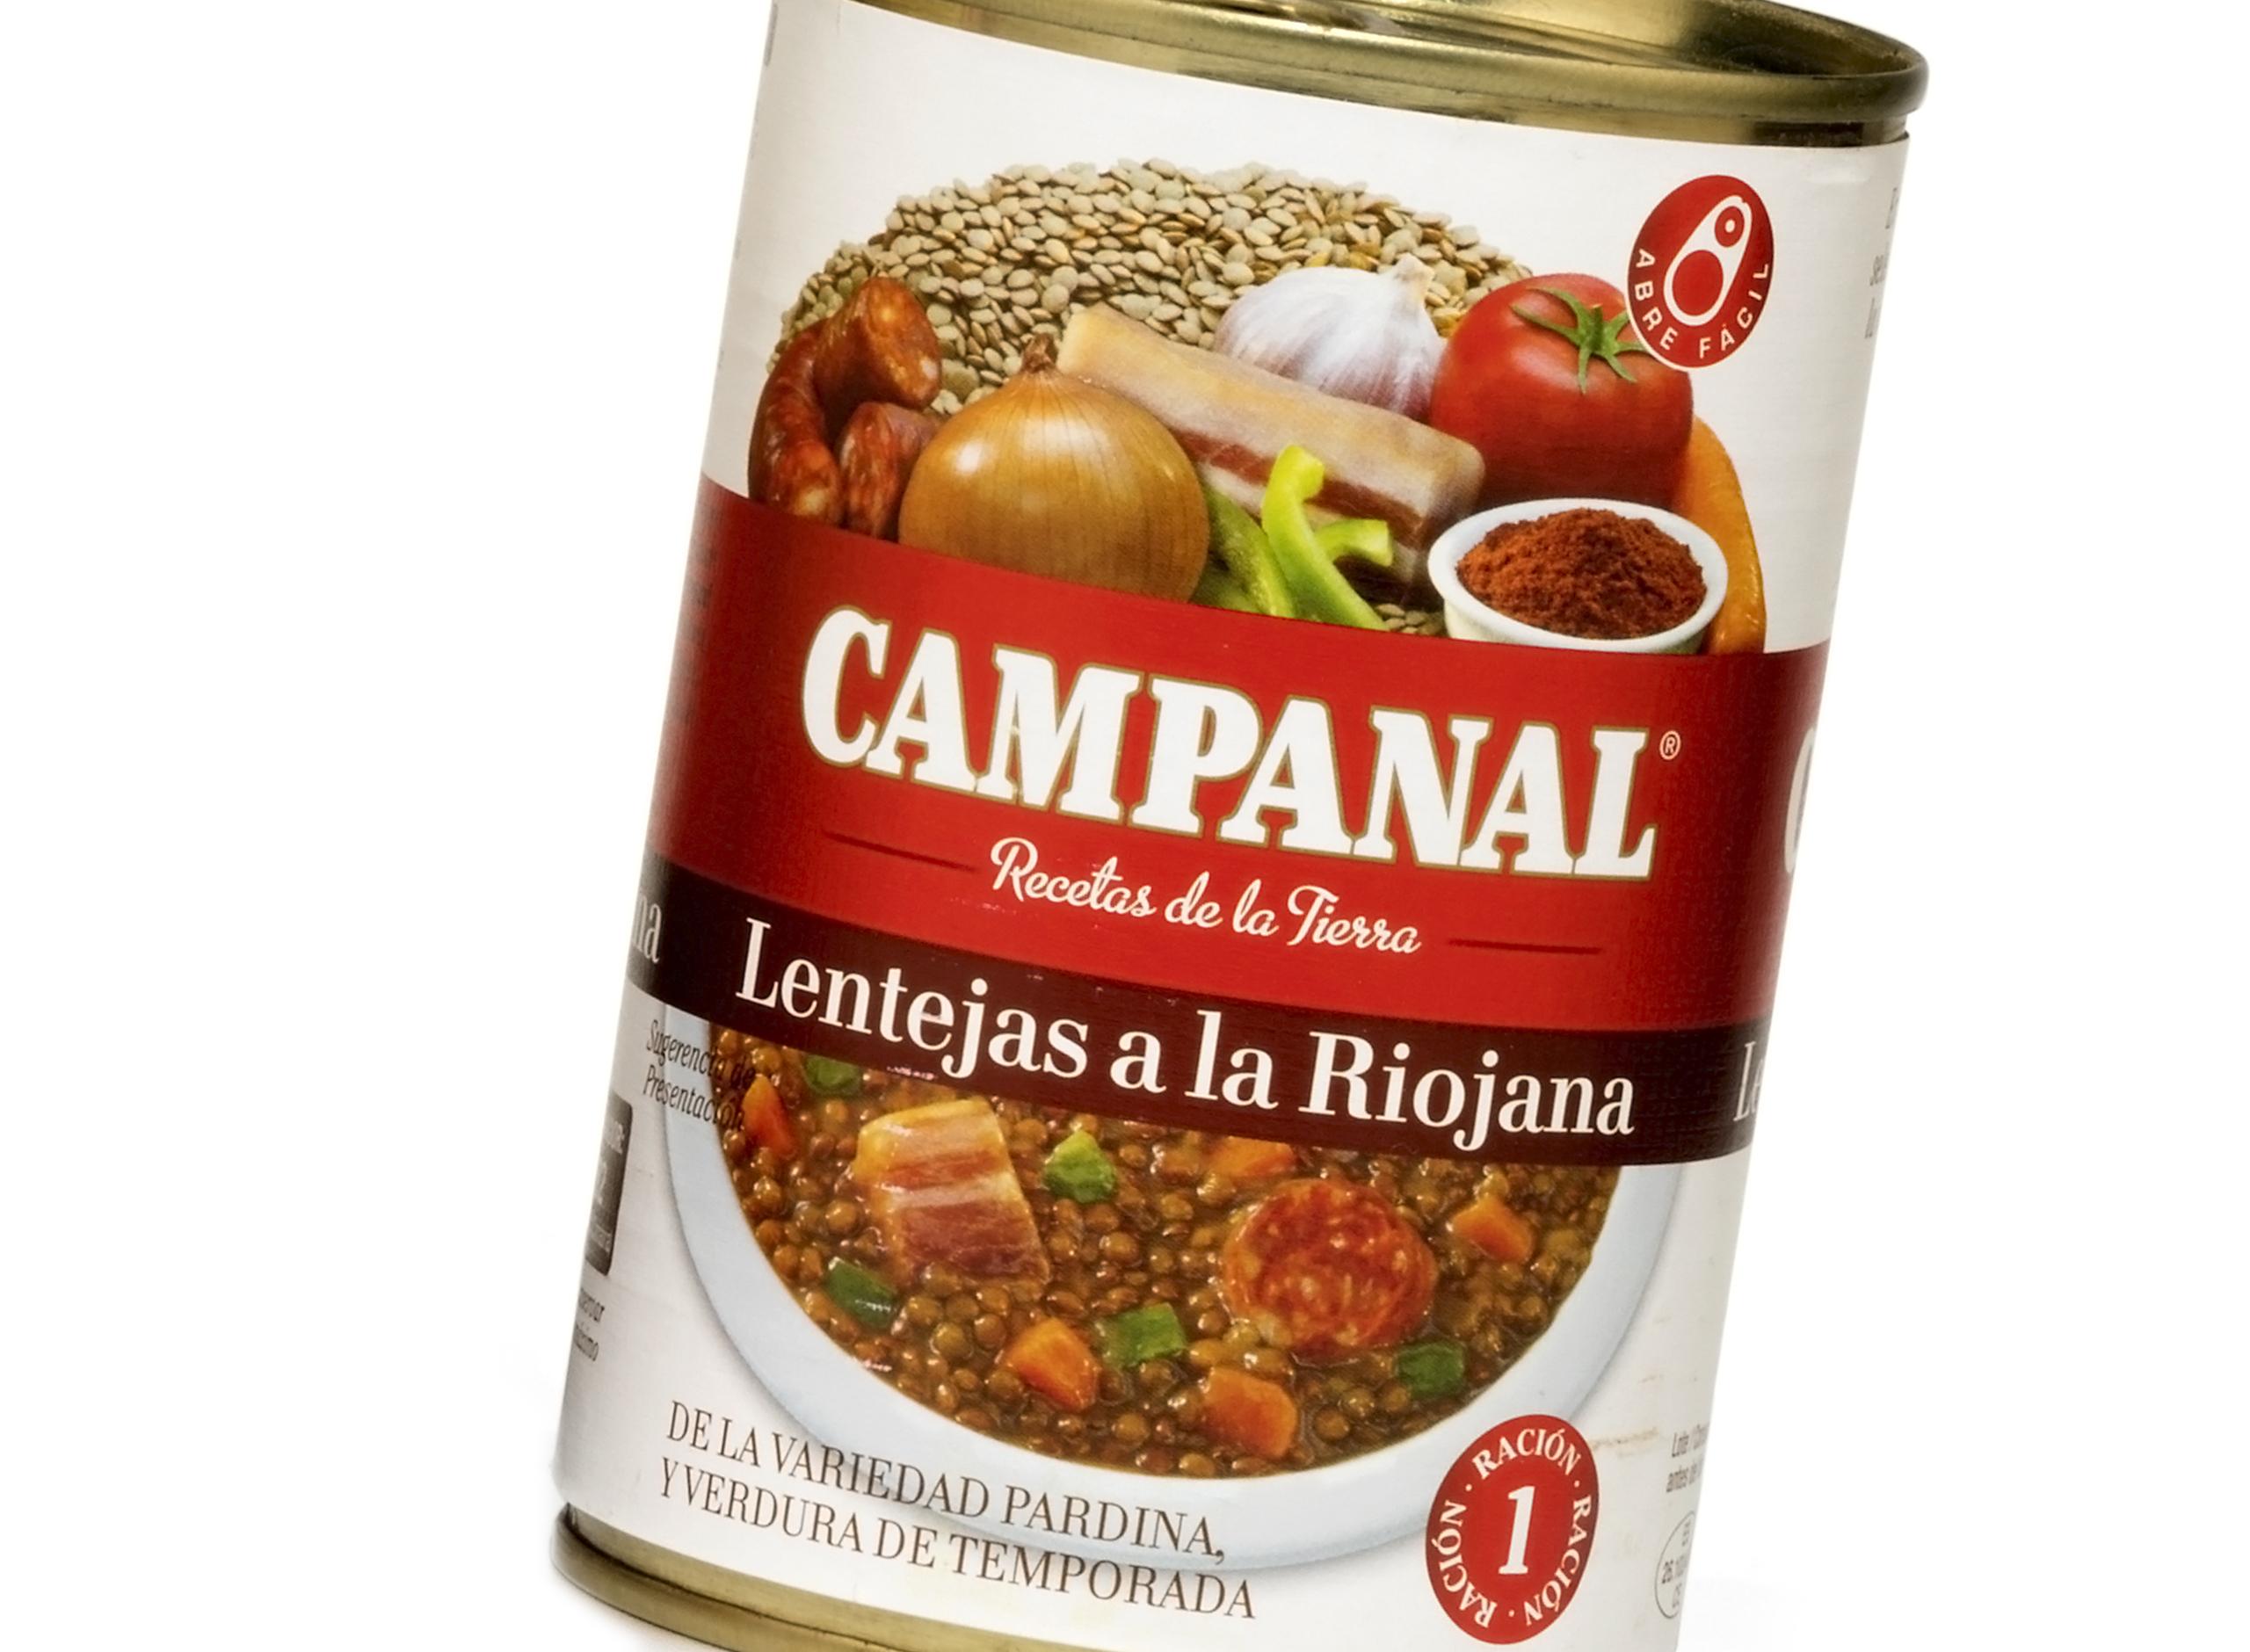 Lentejas a la Riojana Campanal Recetas de la Tierra. Etiquetas encolables. Labelgrafic